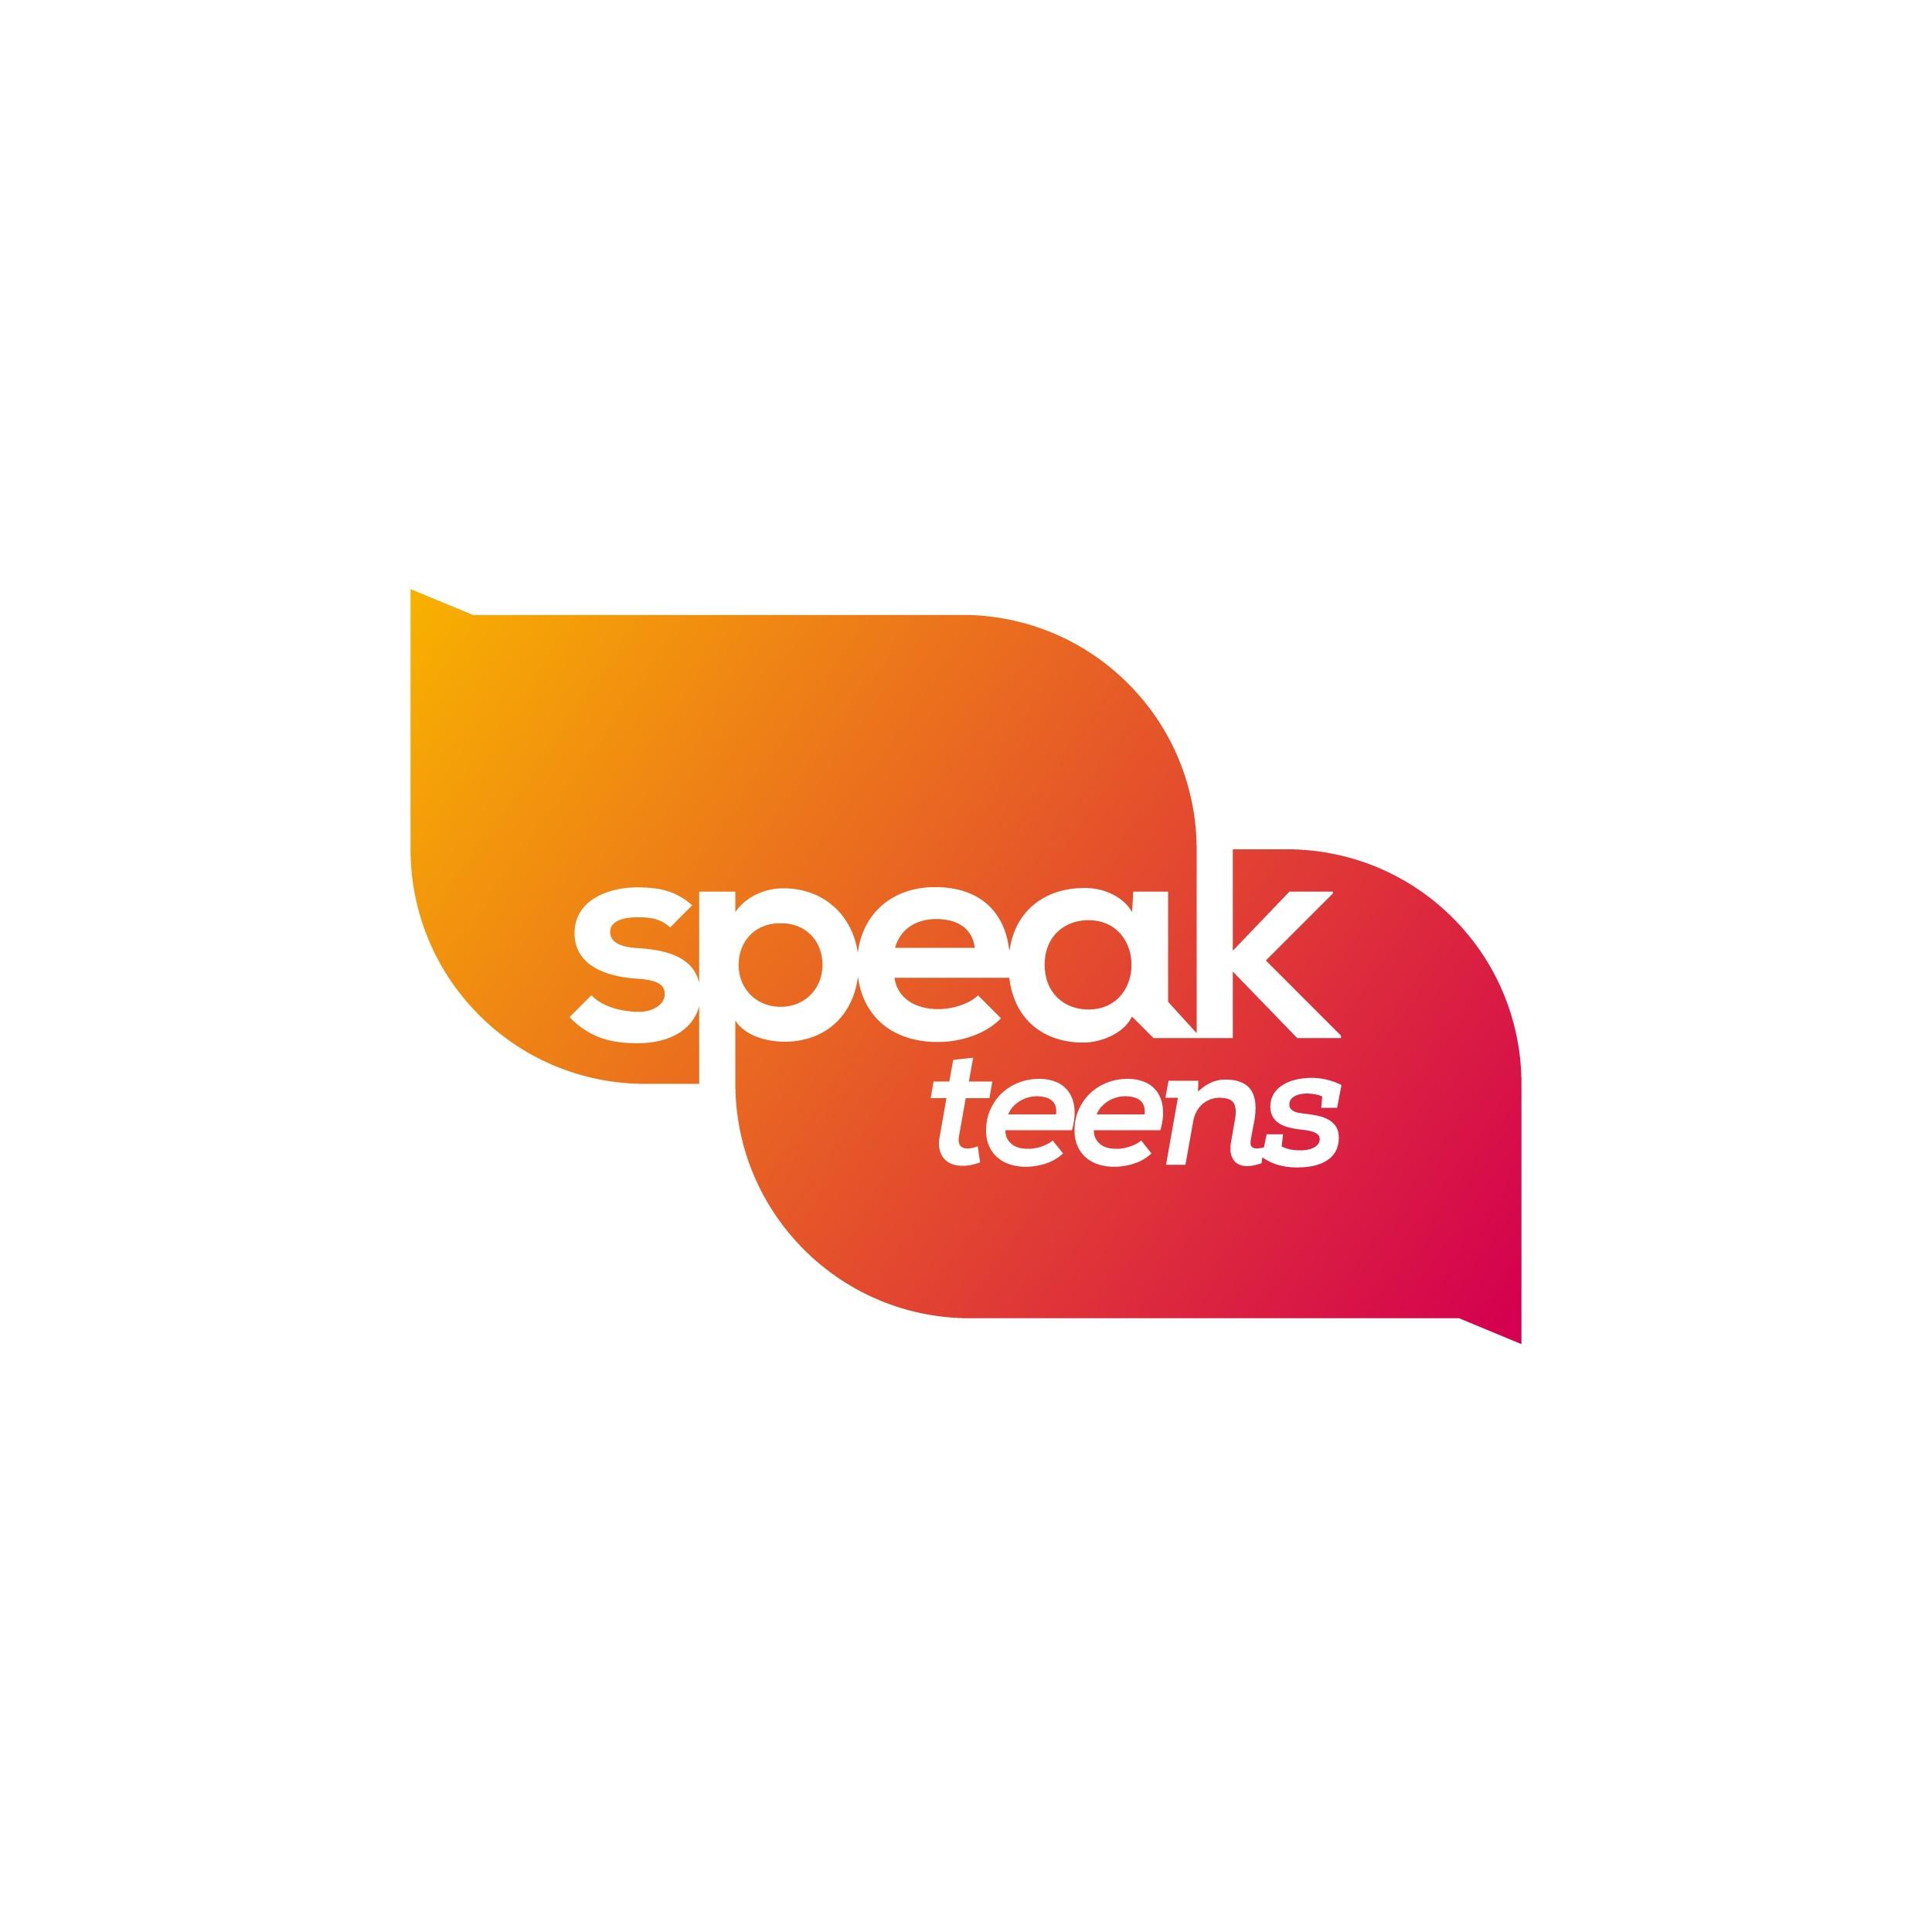 The Speak Teens Team